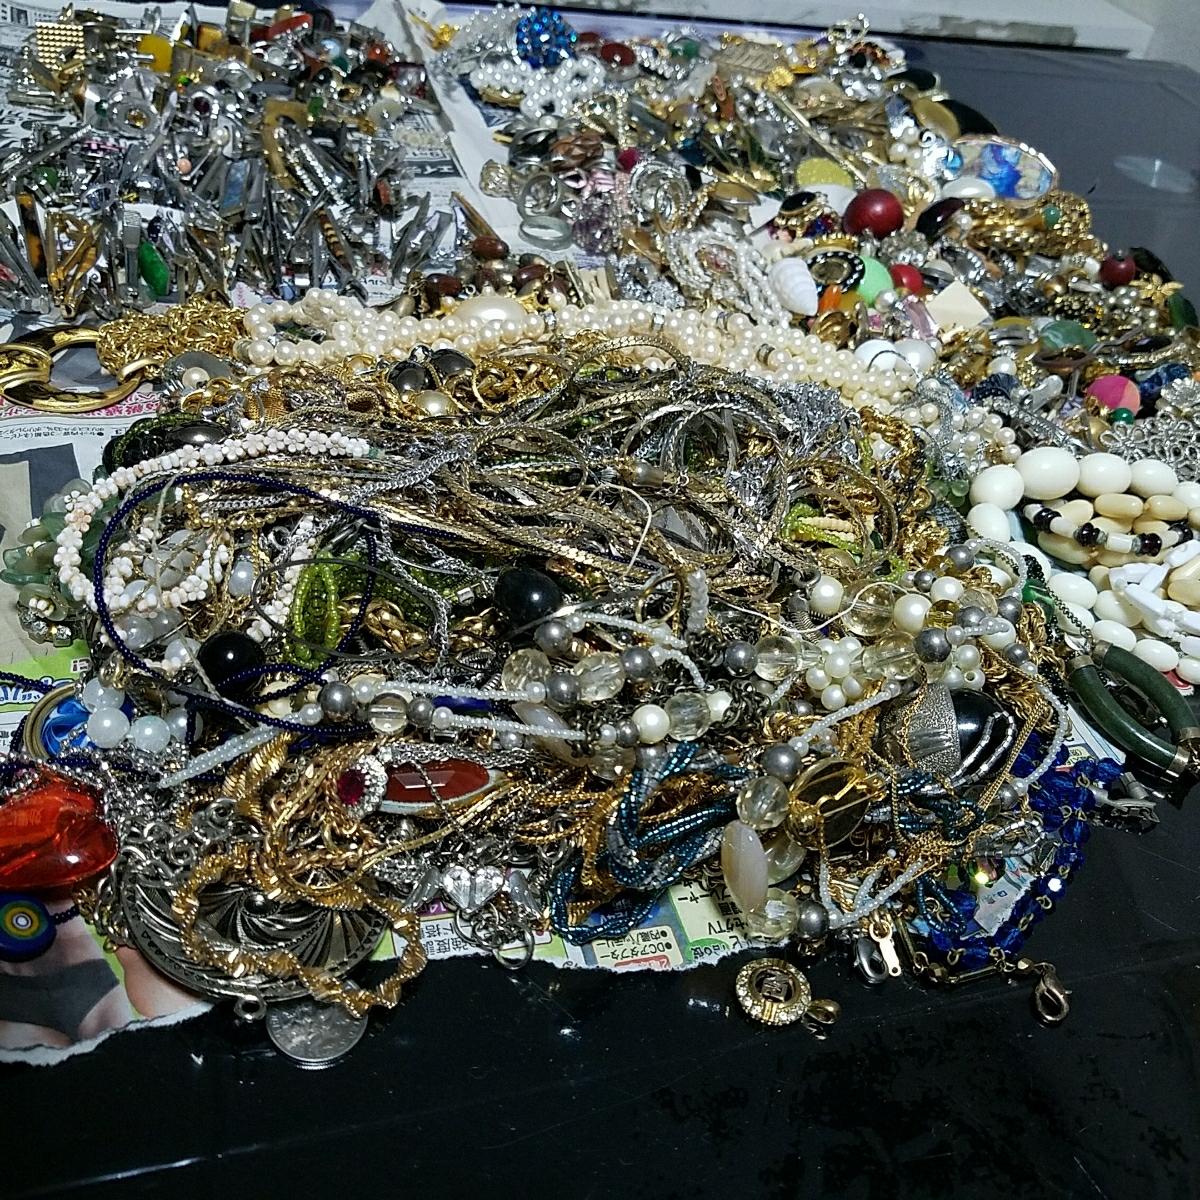 アクセサリー 大量約5キロ silver刻印 & シャネル 等各種ブランド 多数含む イミテーション 真珠 ネックレス タイピング 指輪 イヤリング